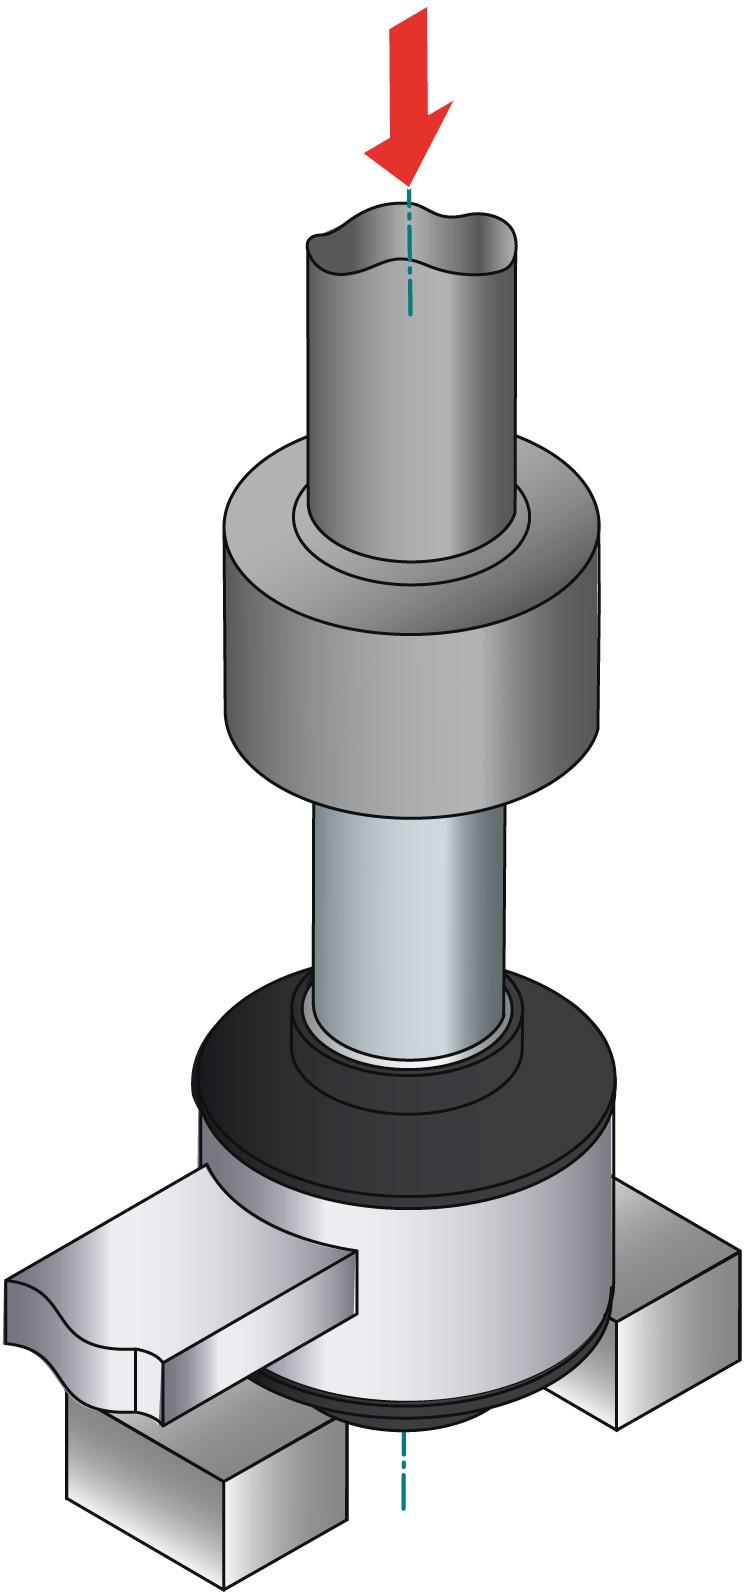 obraz montaż tulei metalowo gumowej 4